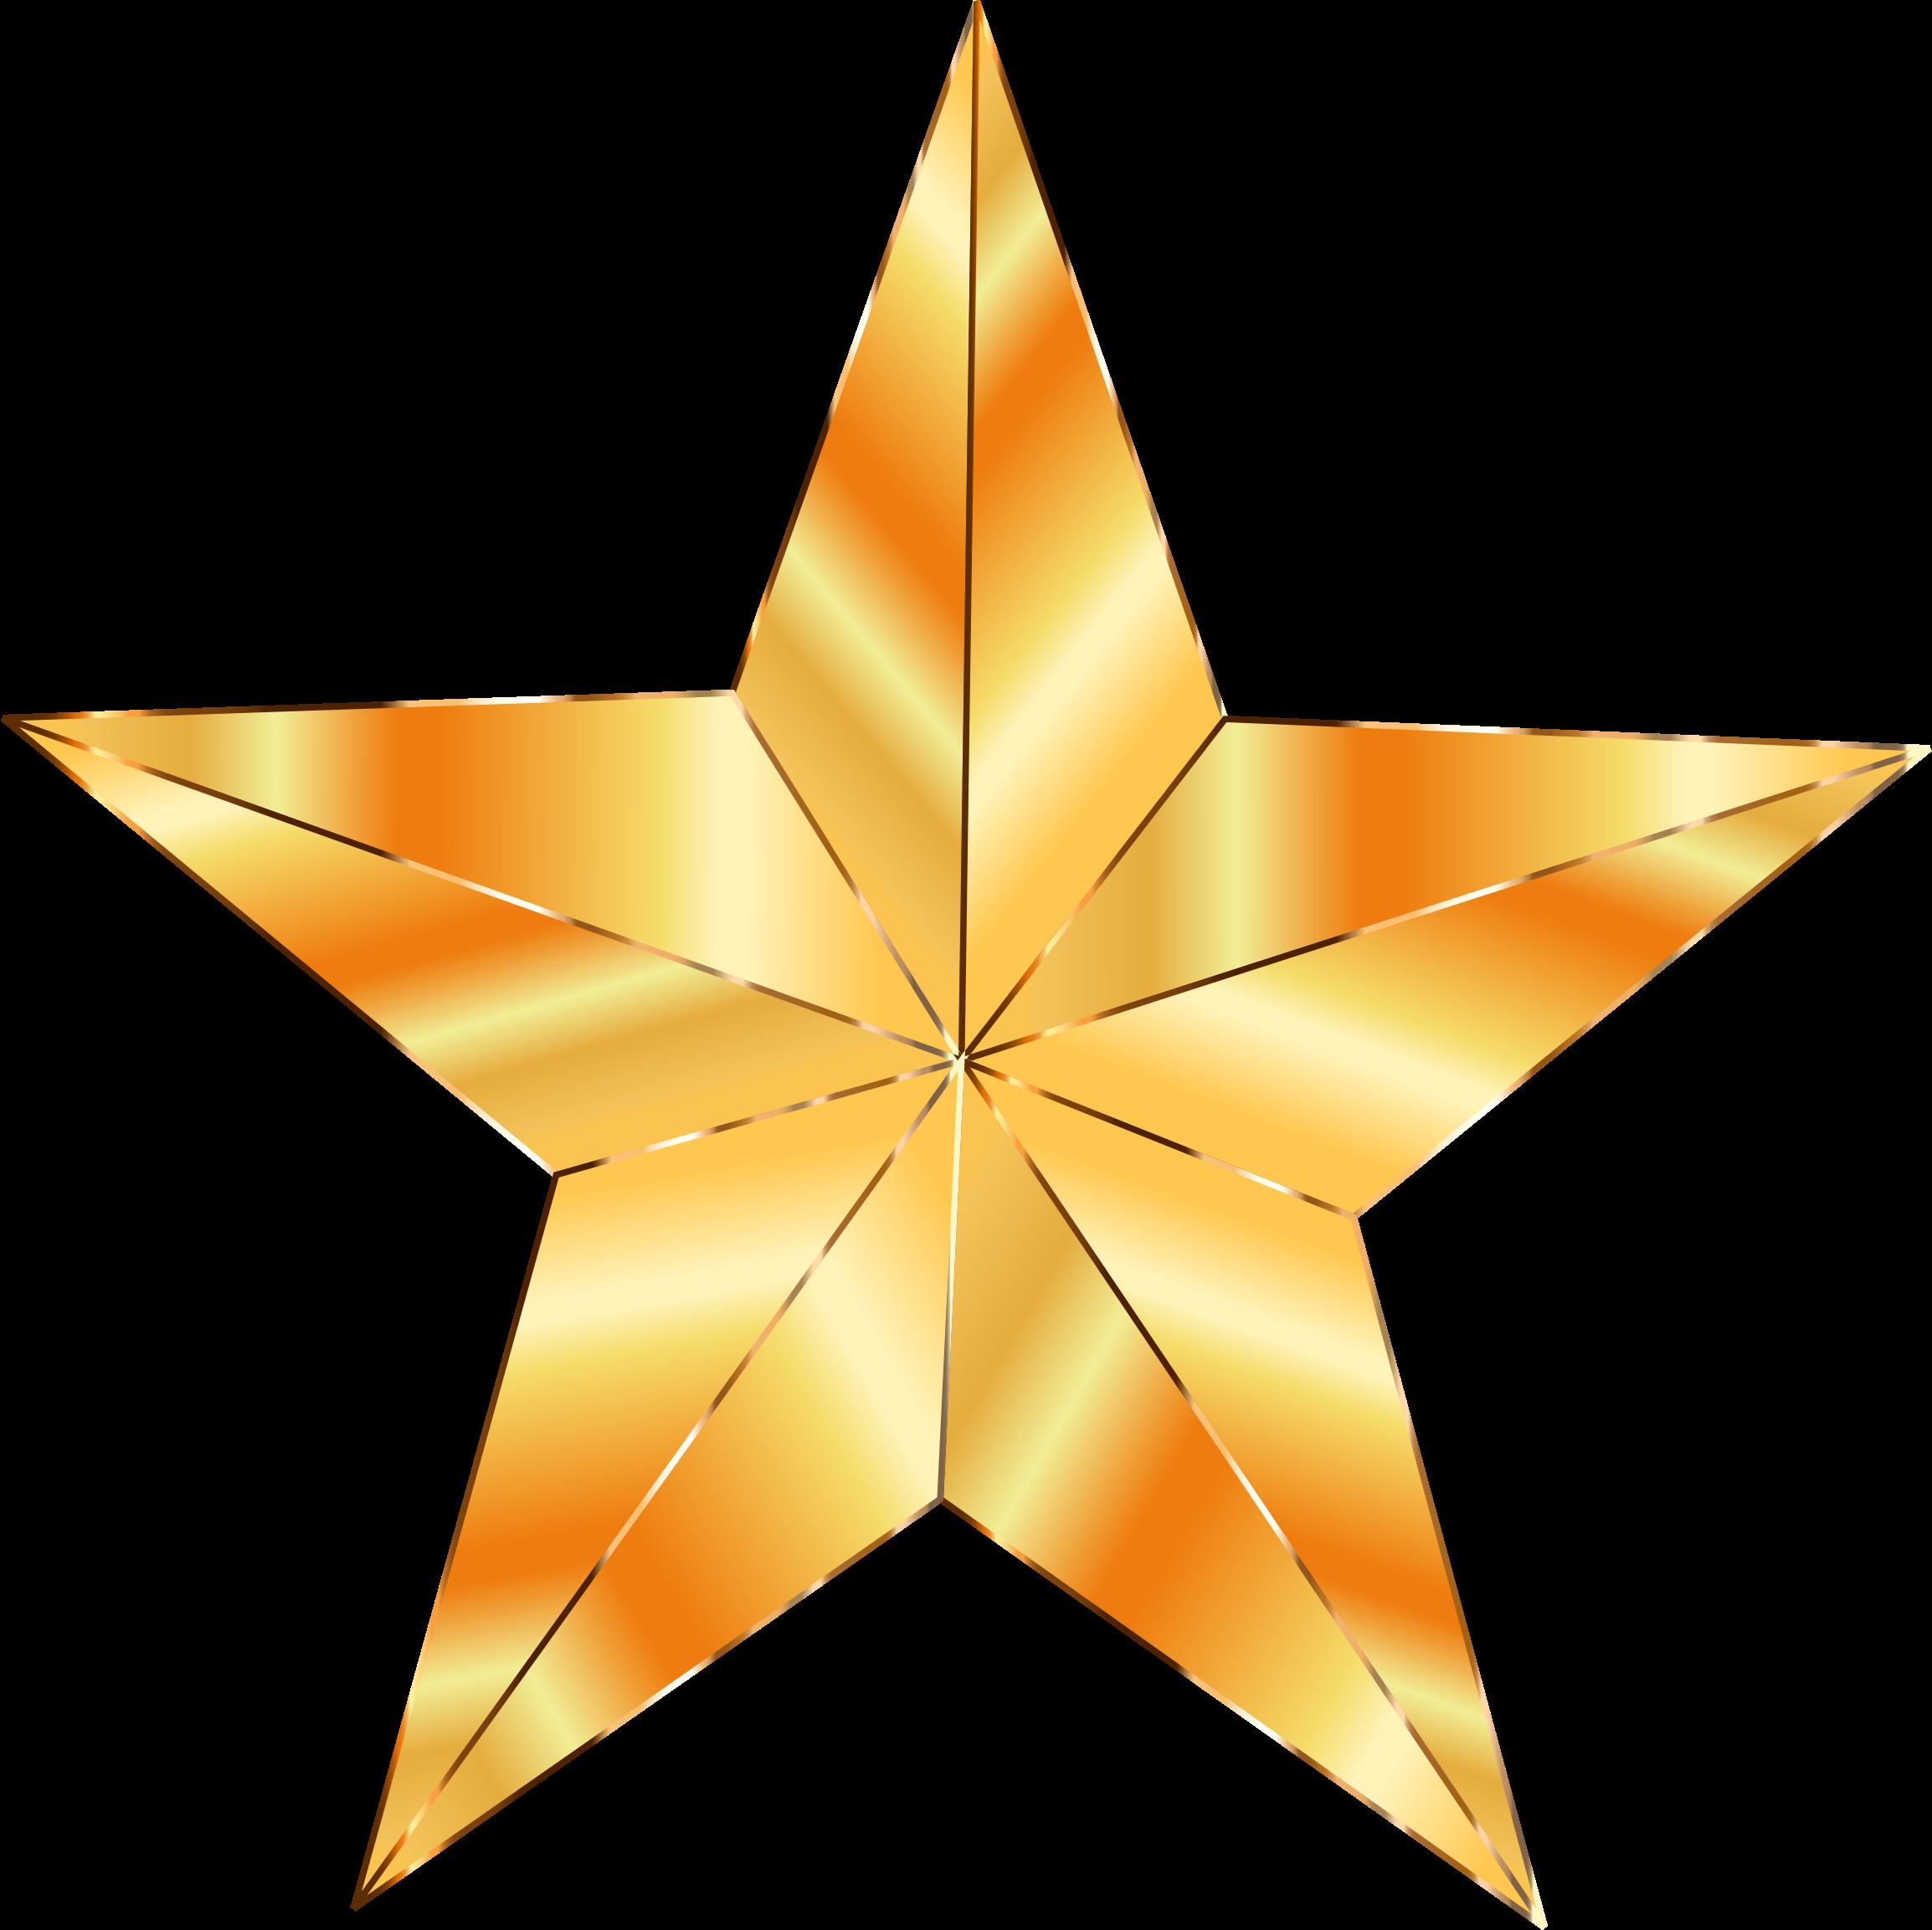 Golden Star Png - ClipArt Best